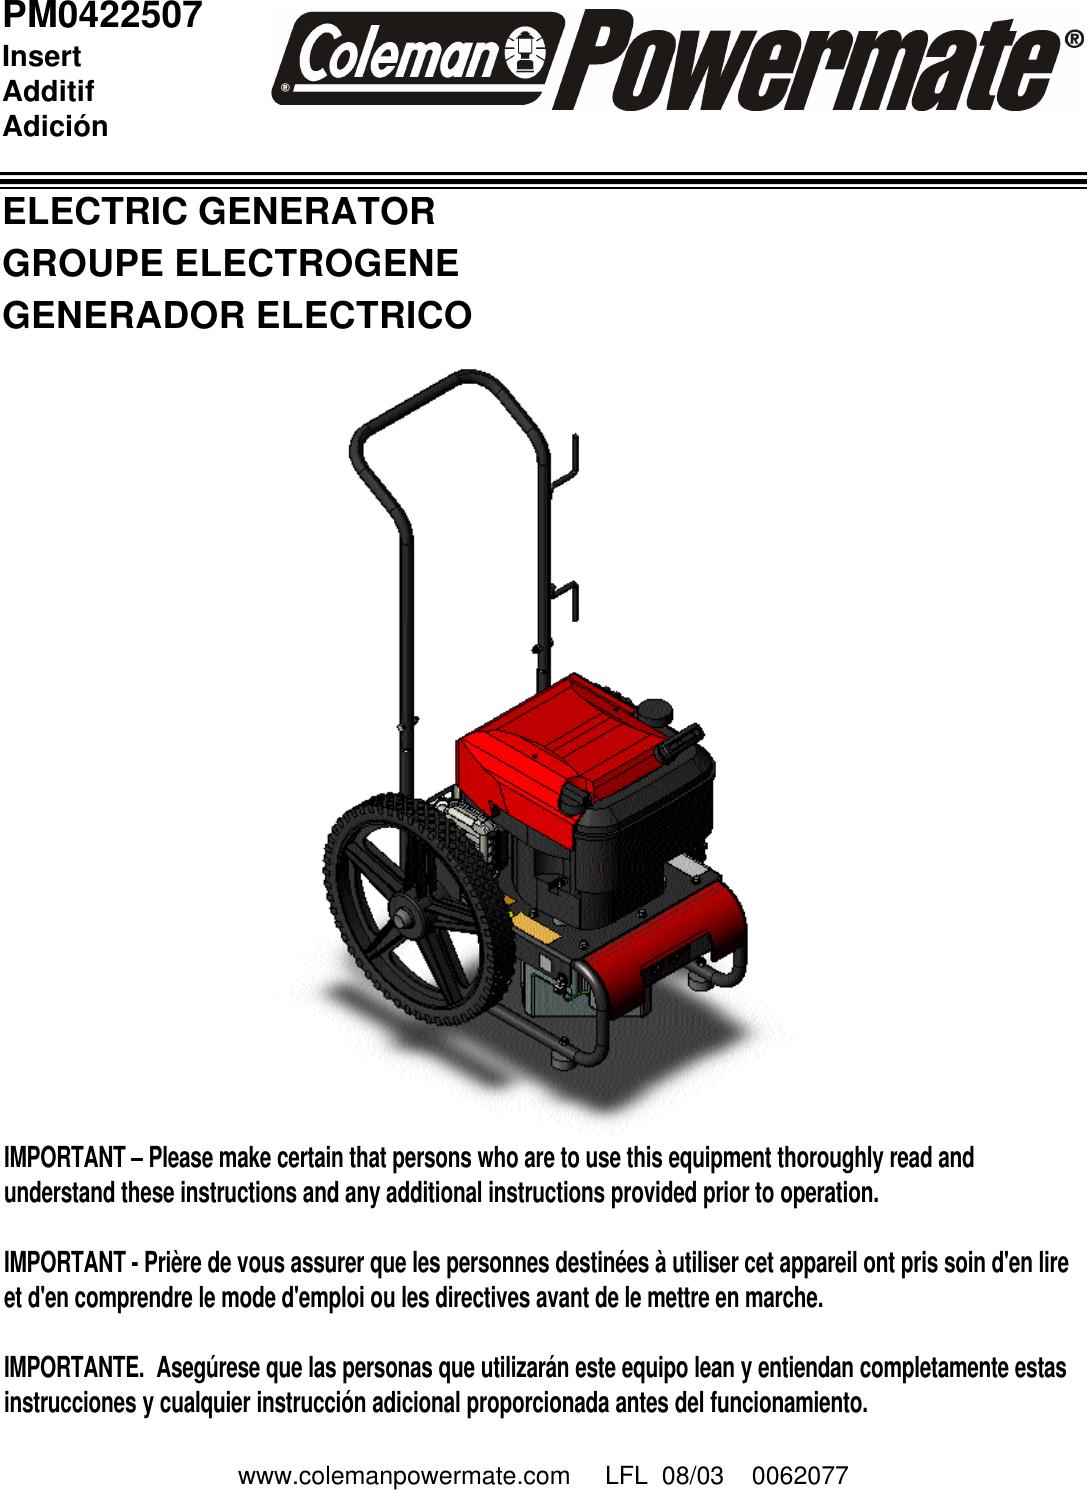 Powermate Pm0422507 Users Manual